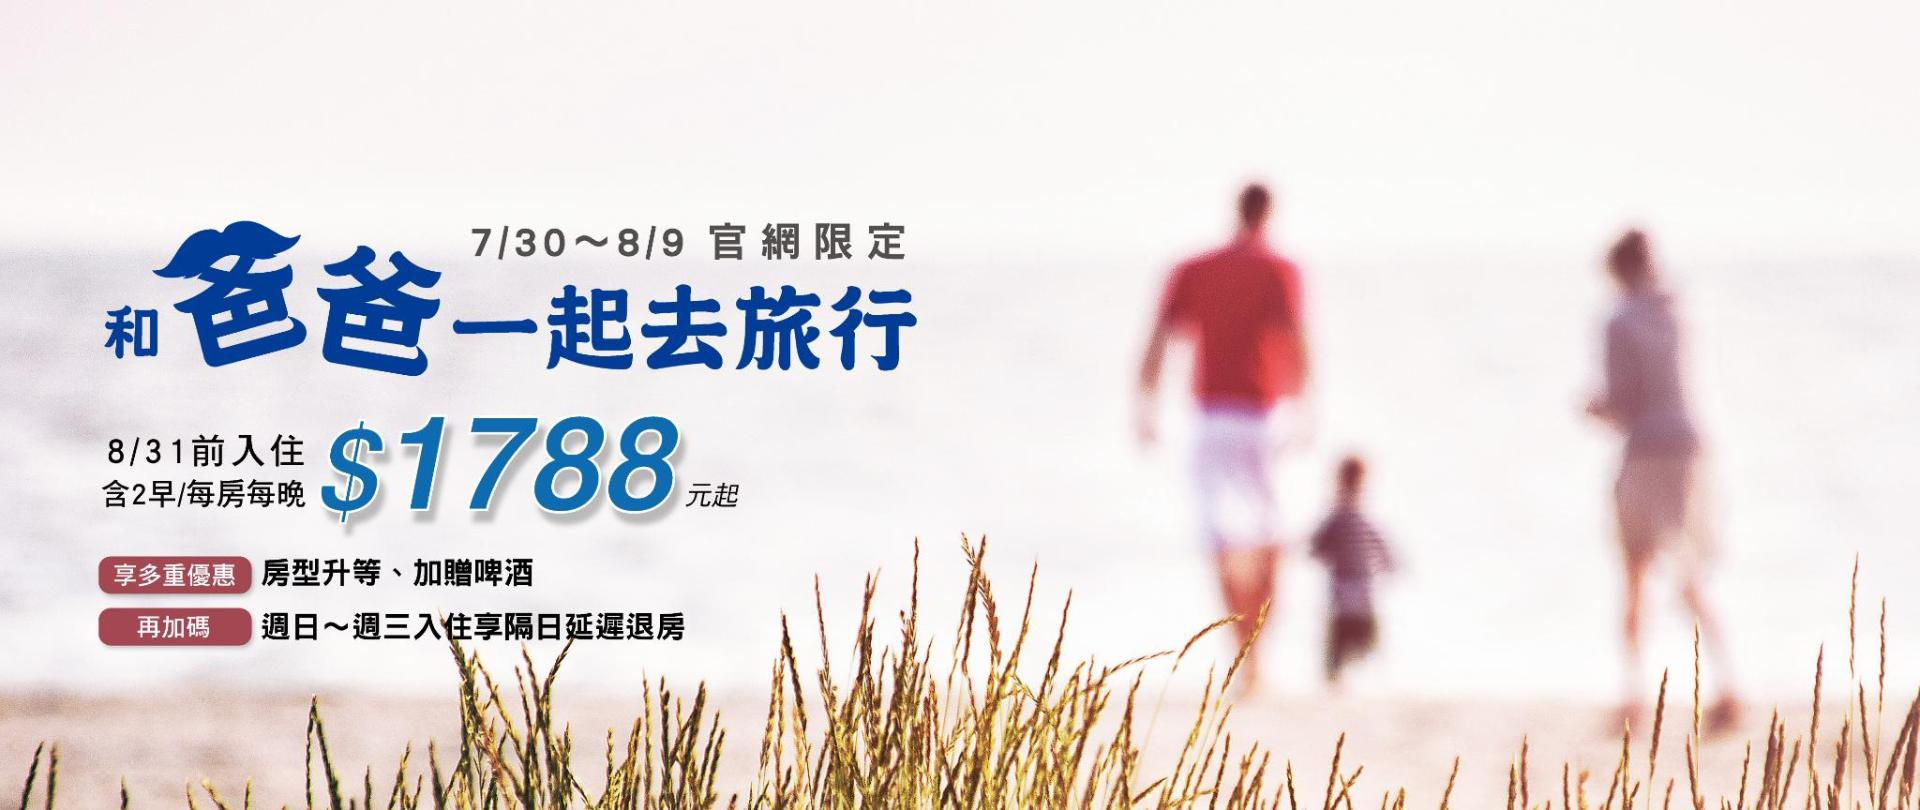 官網Slide-Show4000X1688_和爸爸旅遊住房專案.jpg